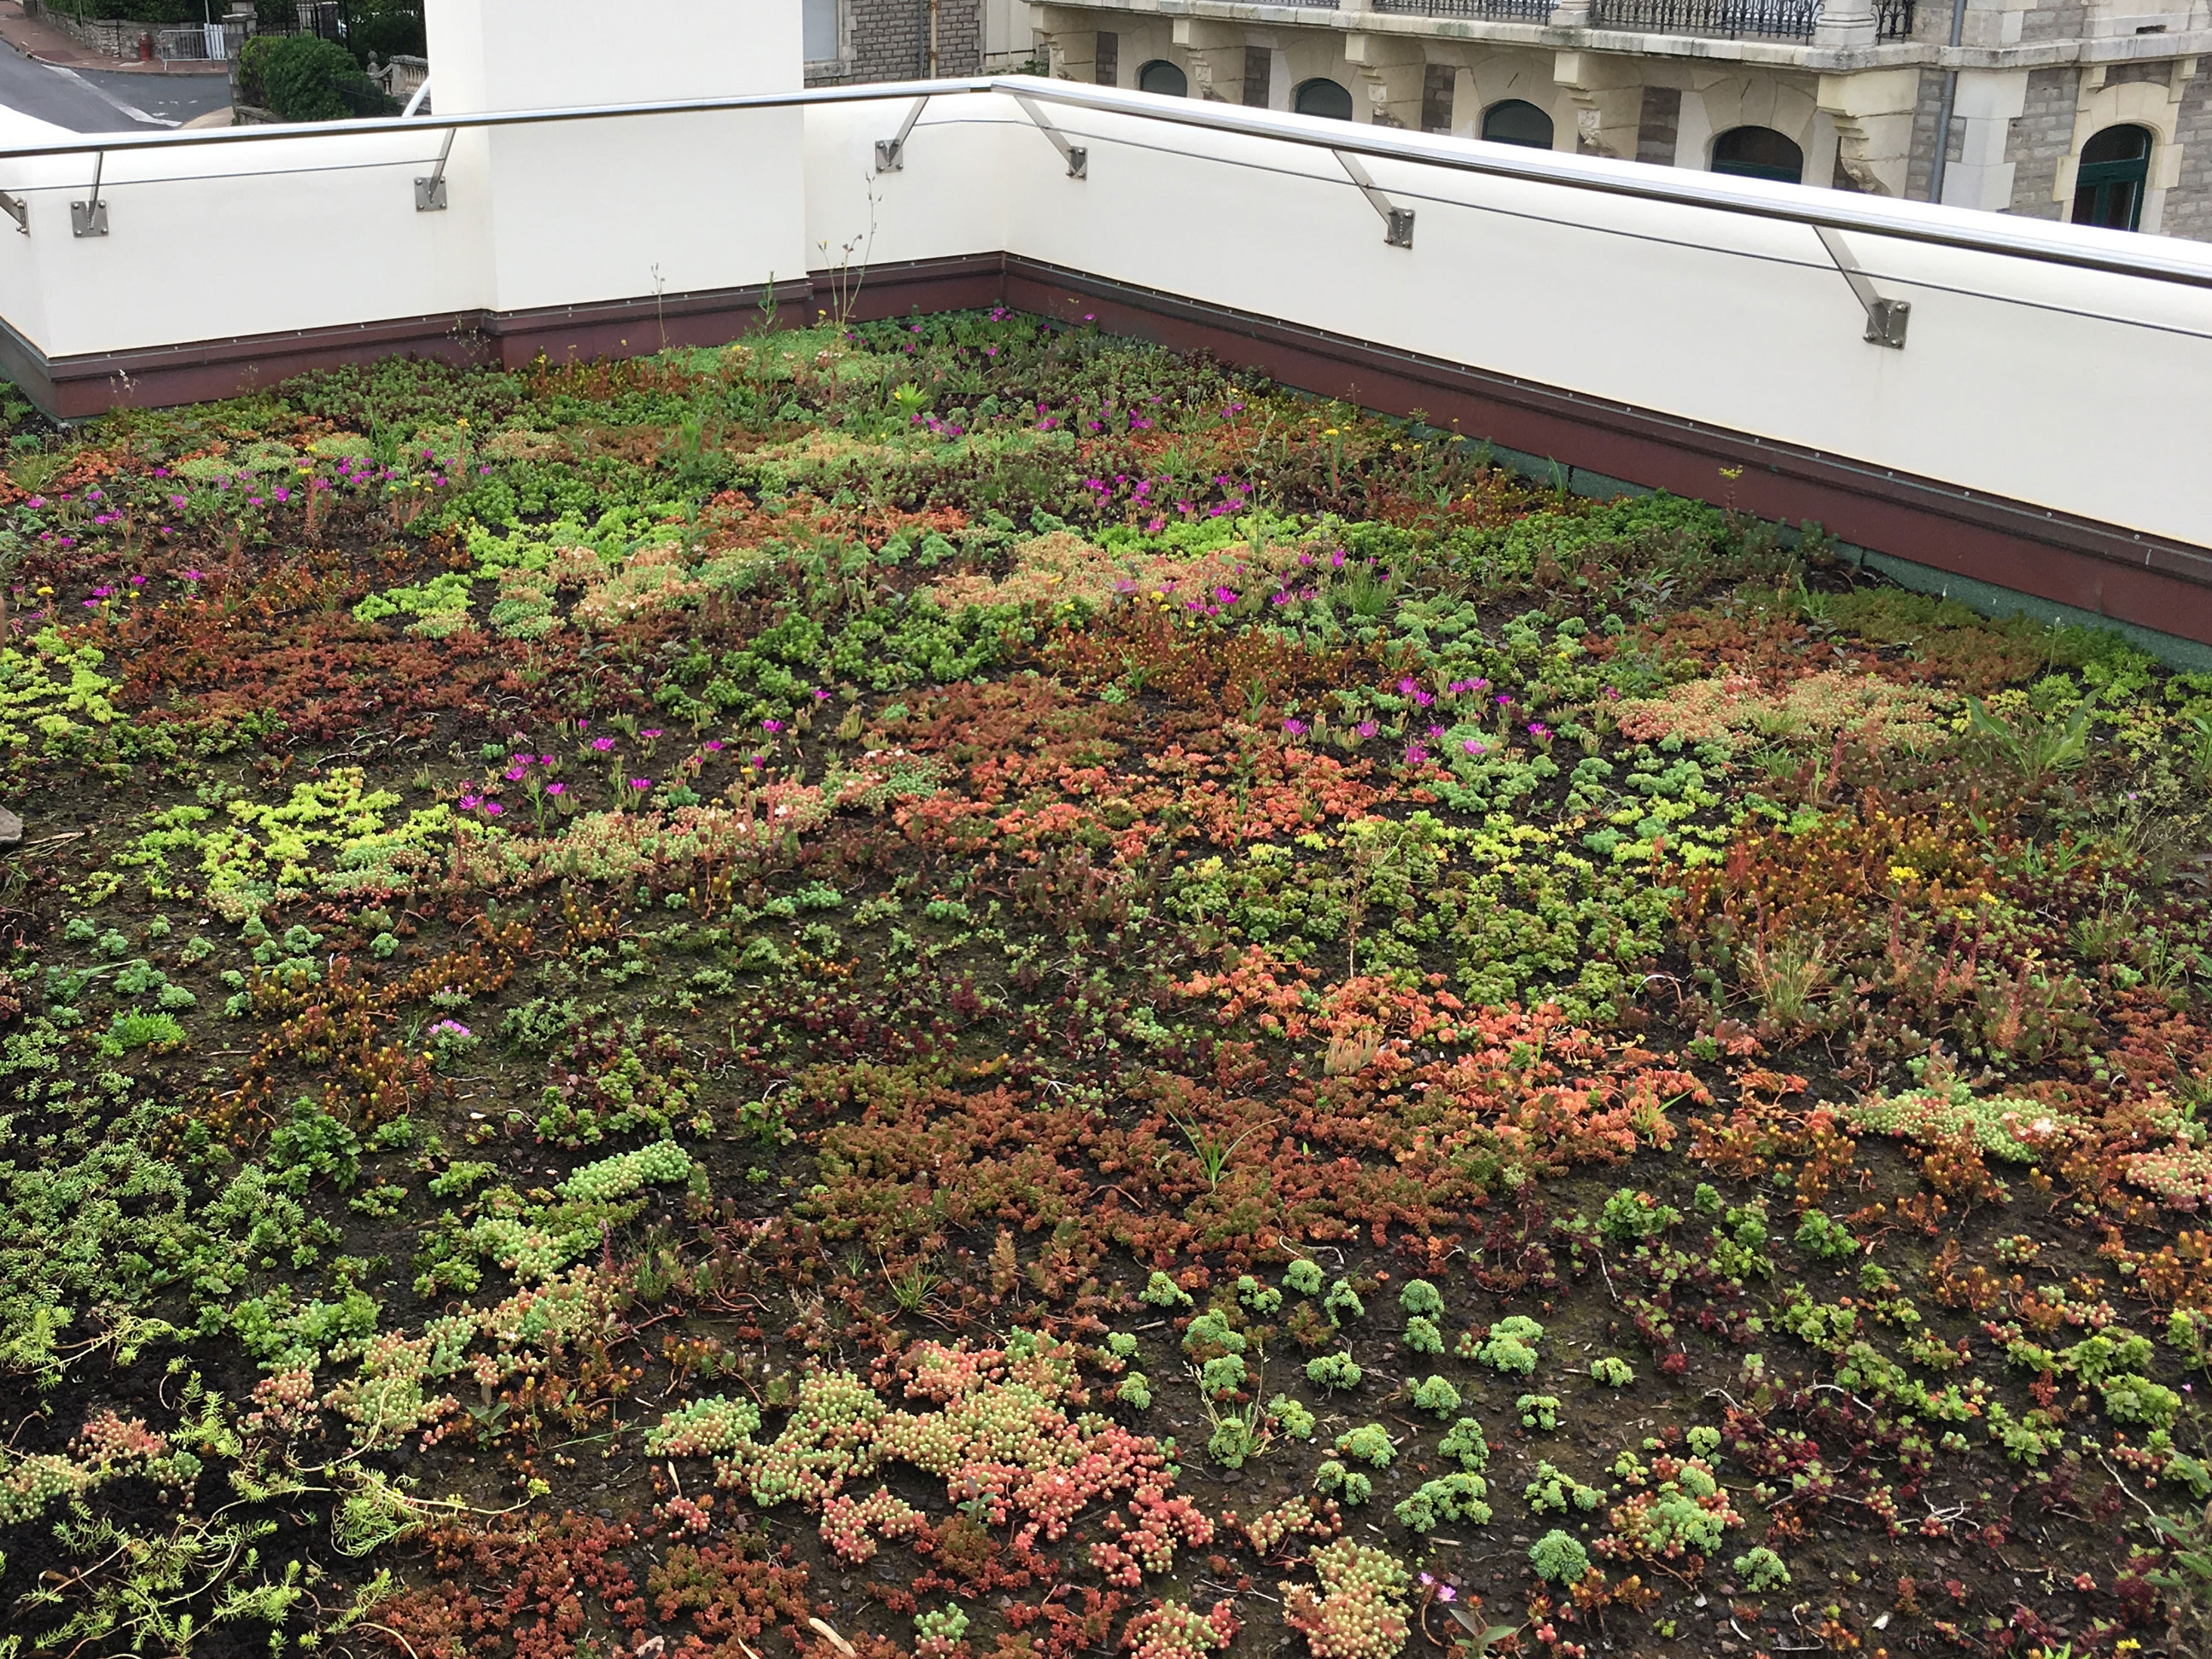 Toit-terrasse végétalisé, Biarritz